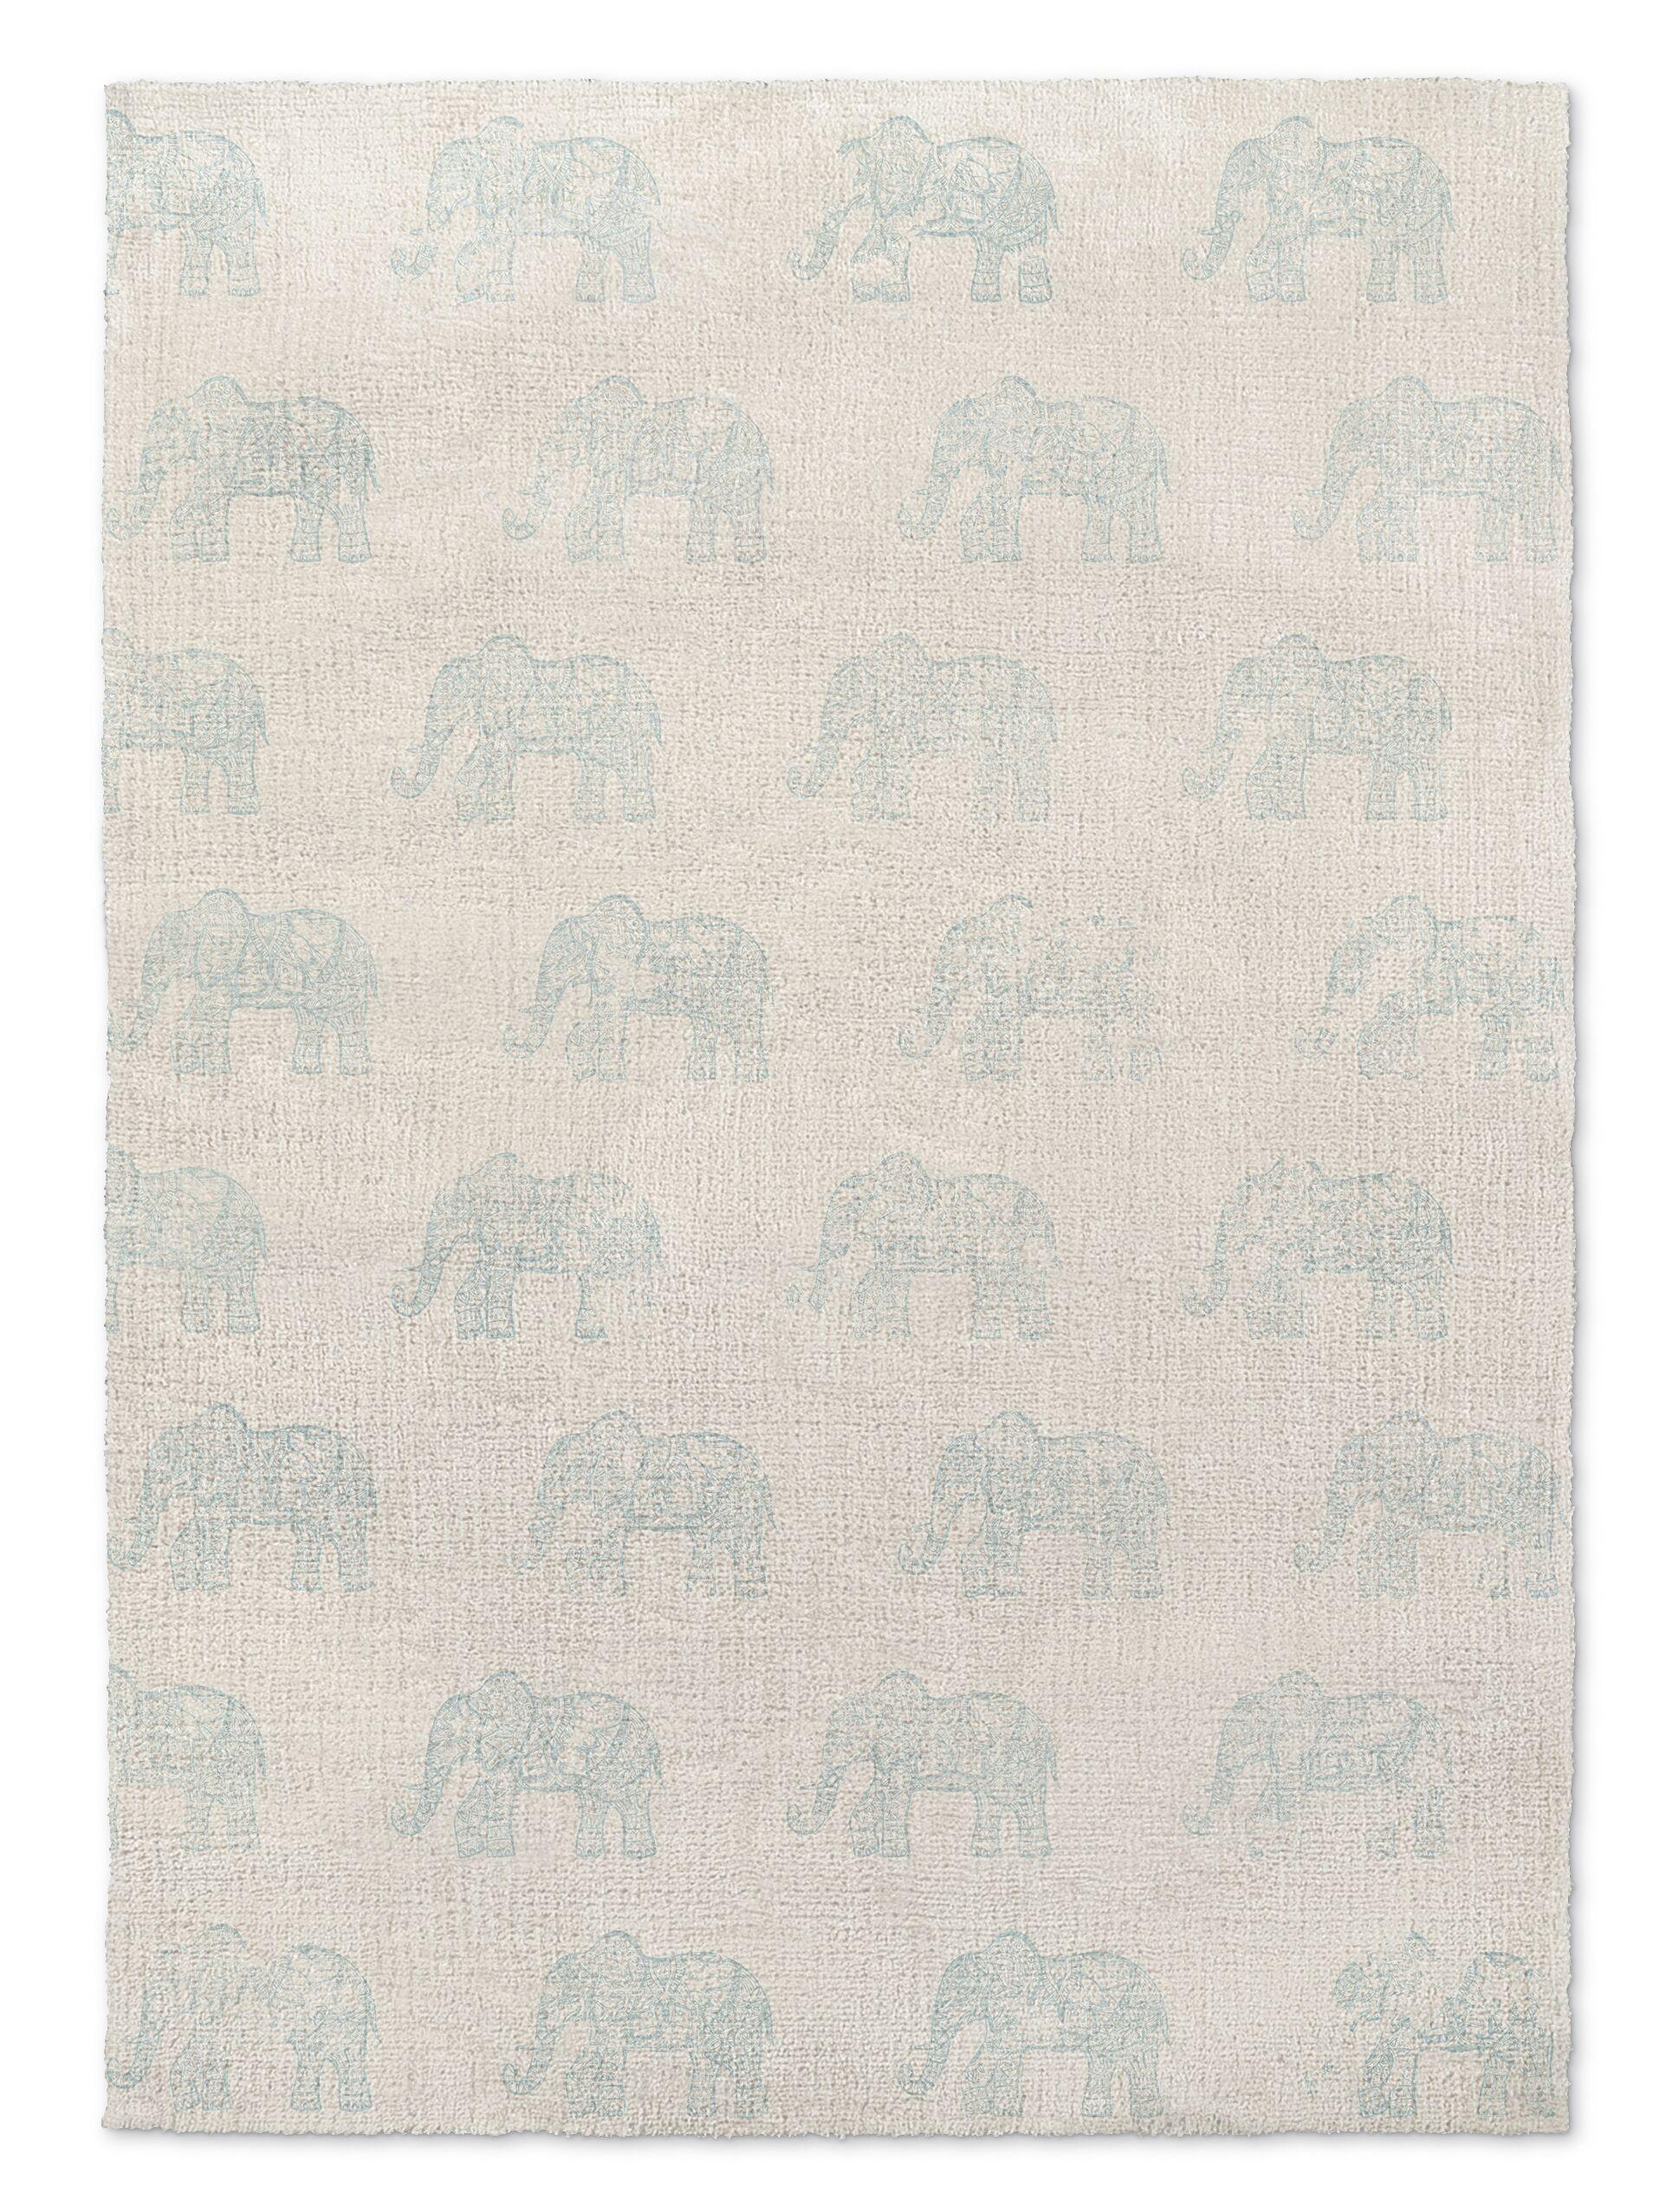 Netea Blue/Ivory Area Rug Rug Size: 5' x 7'